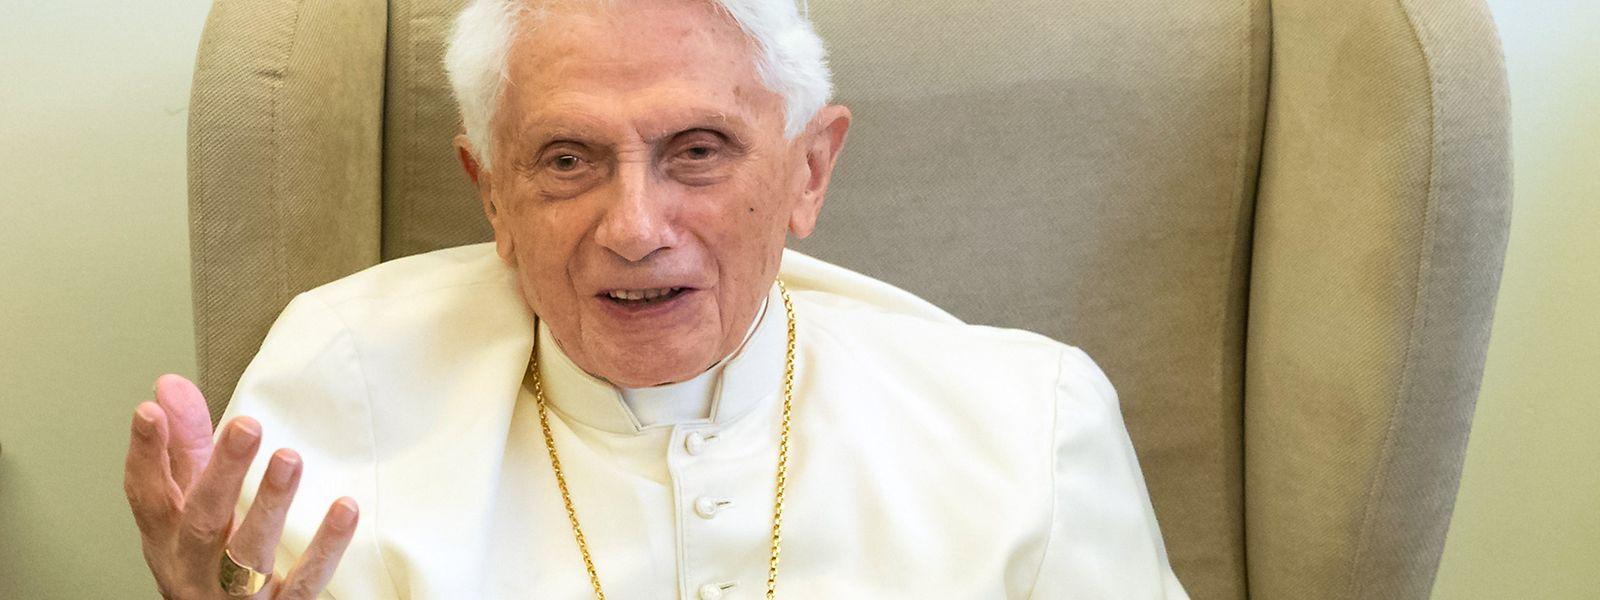 Papst Benedikt XVI. amtierte von 2005 bis zu seinem Rücktritt 2013.